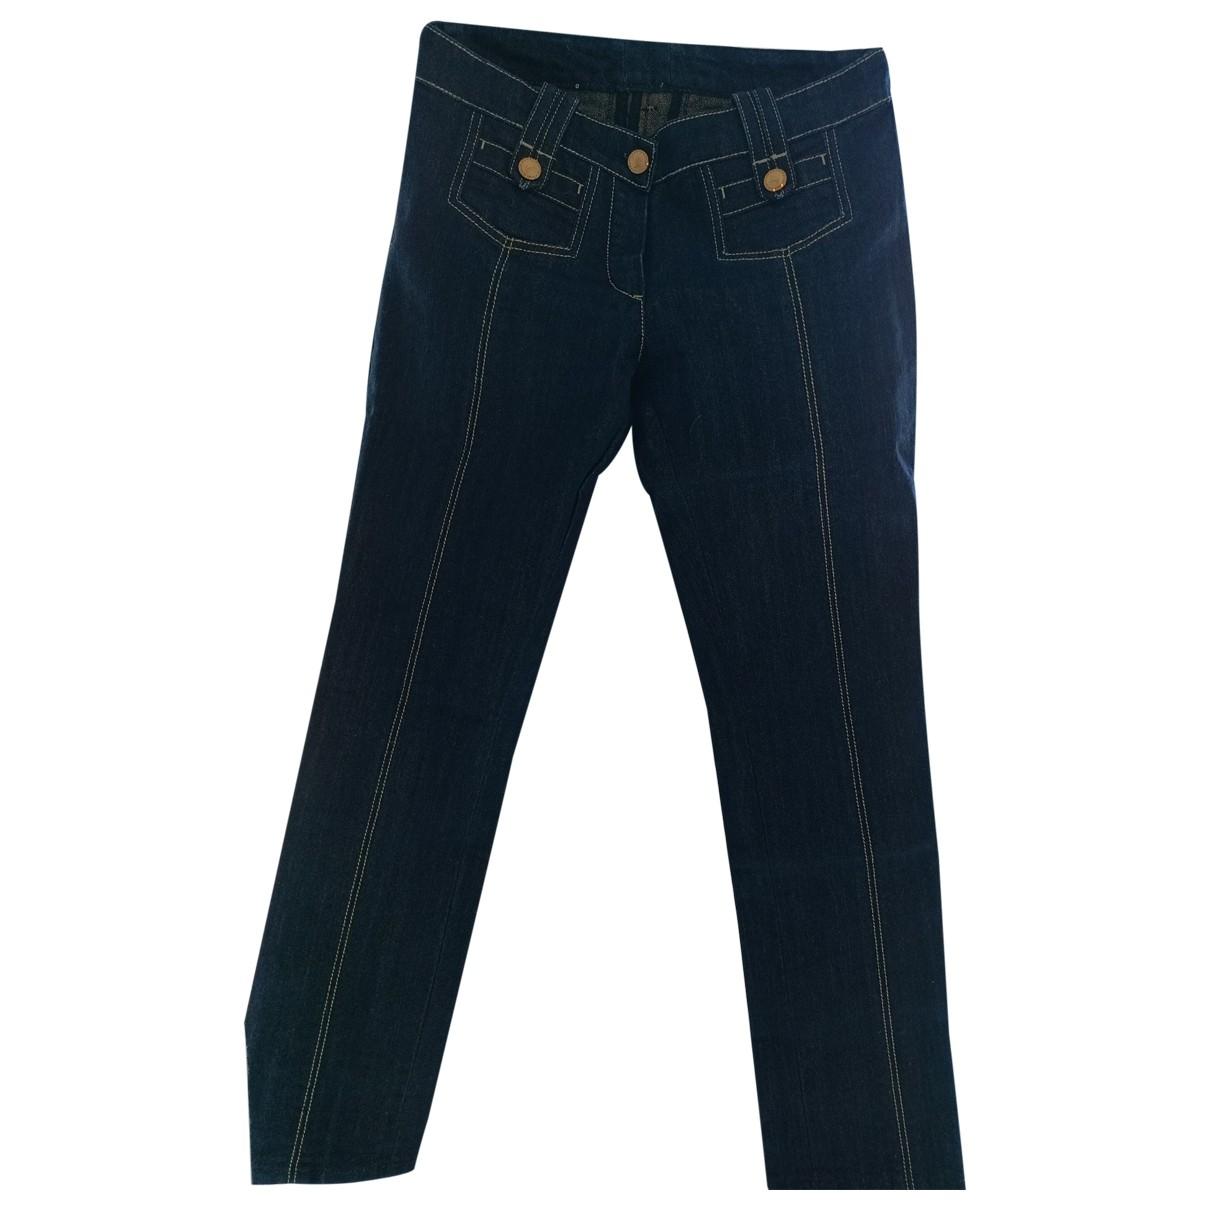 Louis Vuitton \N Blue Denim - Jeans Jeans for Women 38 FR